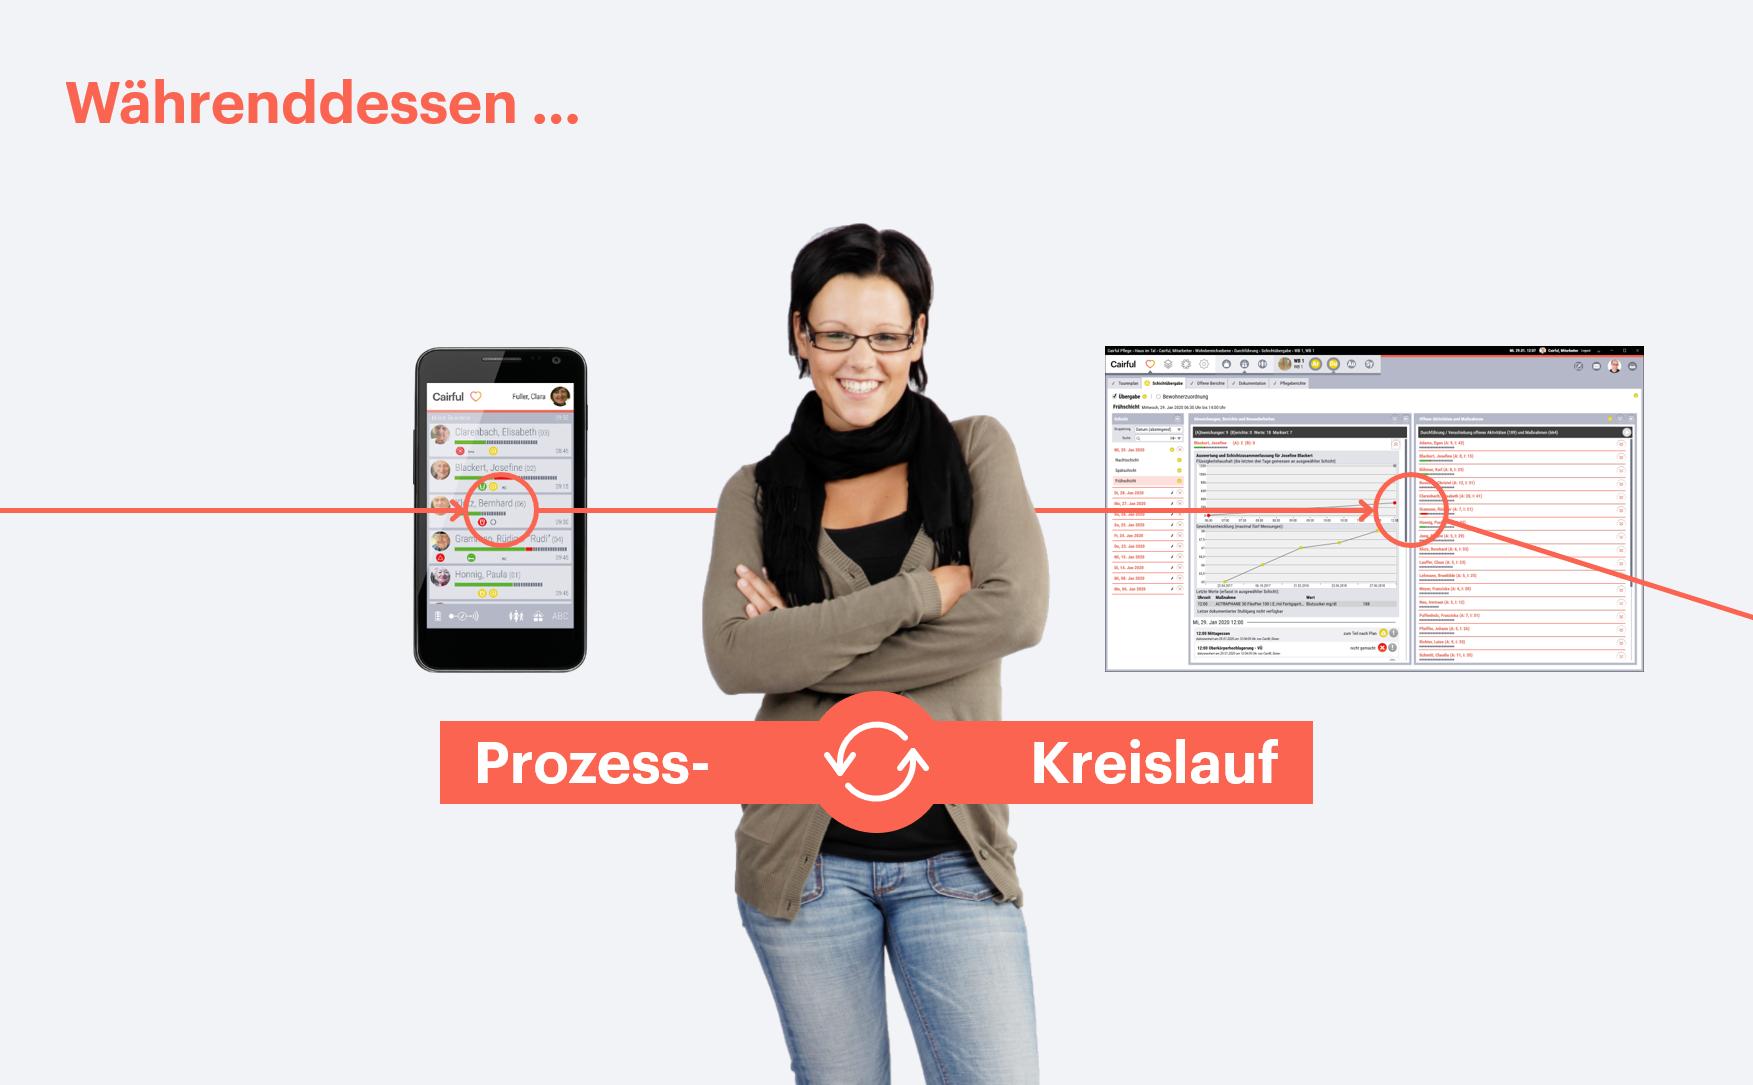 Cairful-Pflege - Pflegeprozess-Kreislauf - Cairful GmbH